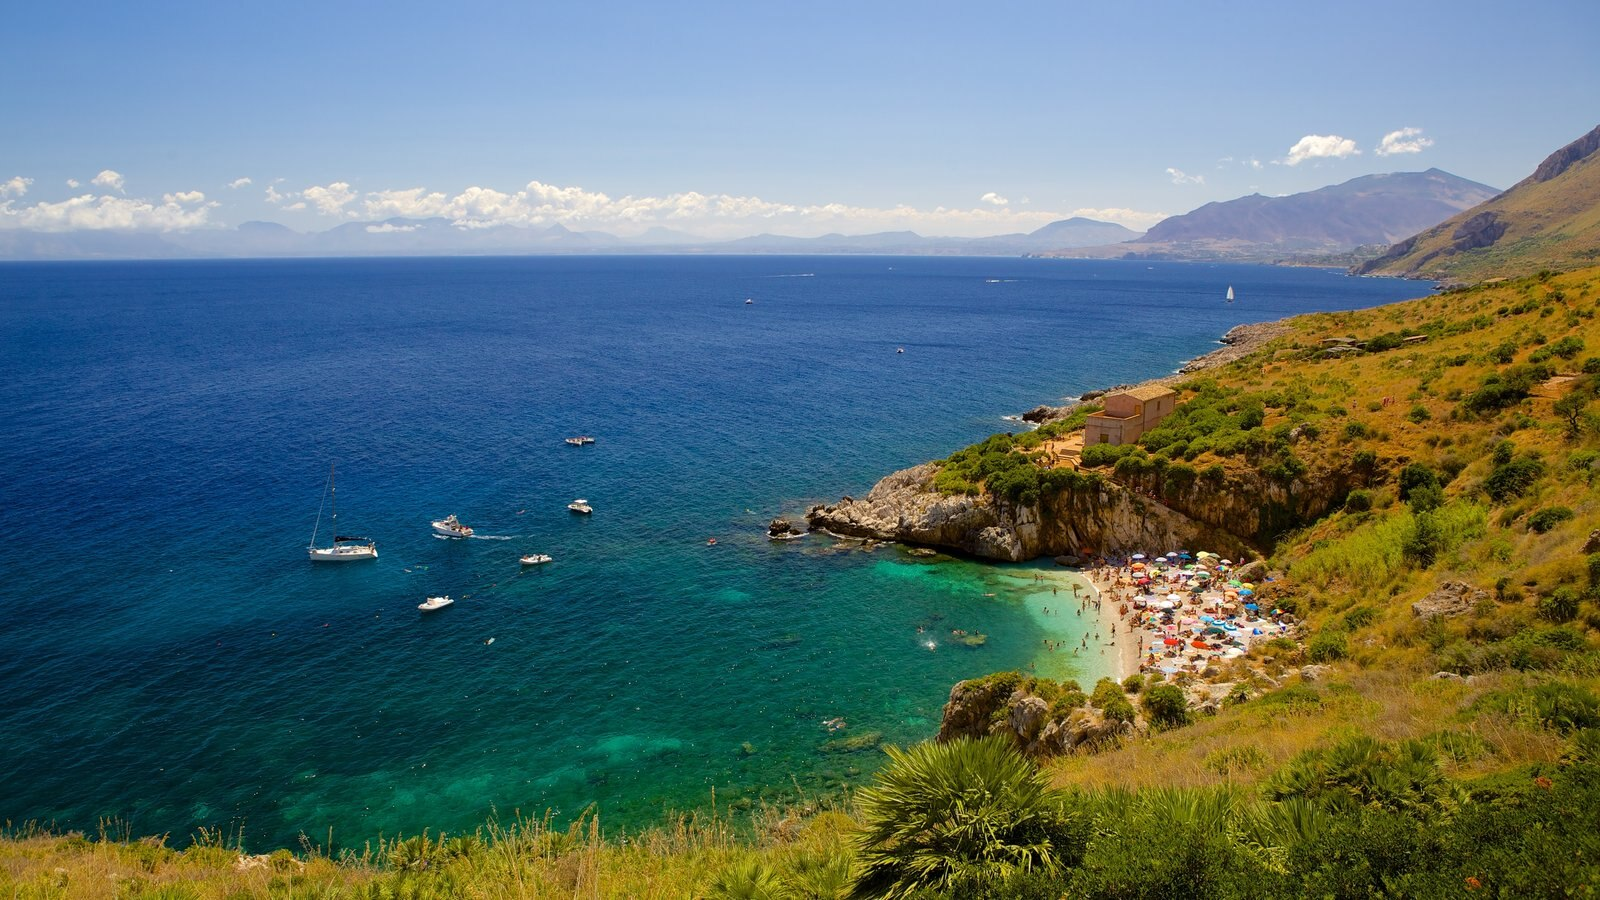 Praia do Zingaro caracterizando paisagem, litoral acidentado e uma baía ou porto